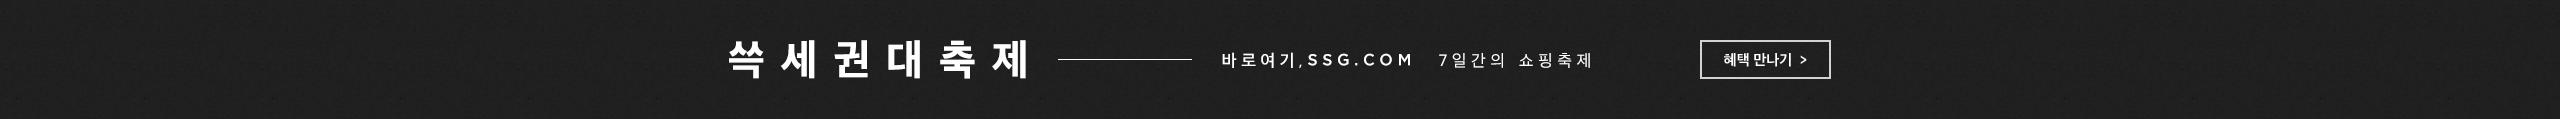 쓱세권대축제 SSG.COM 바로 여기, 7일간의 쇼핑 축제 (혜택 만나기)